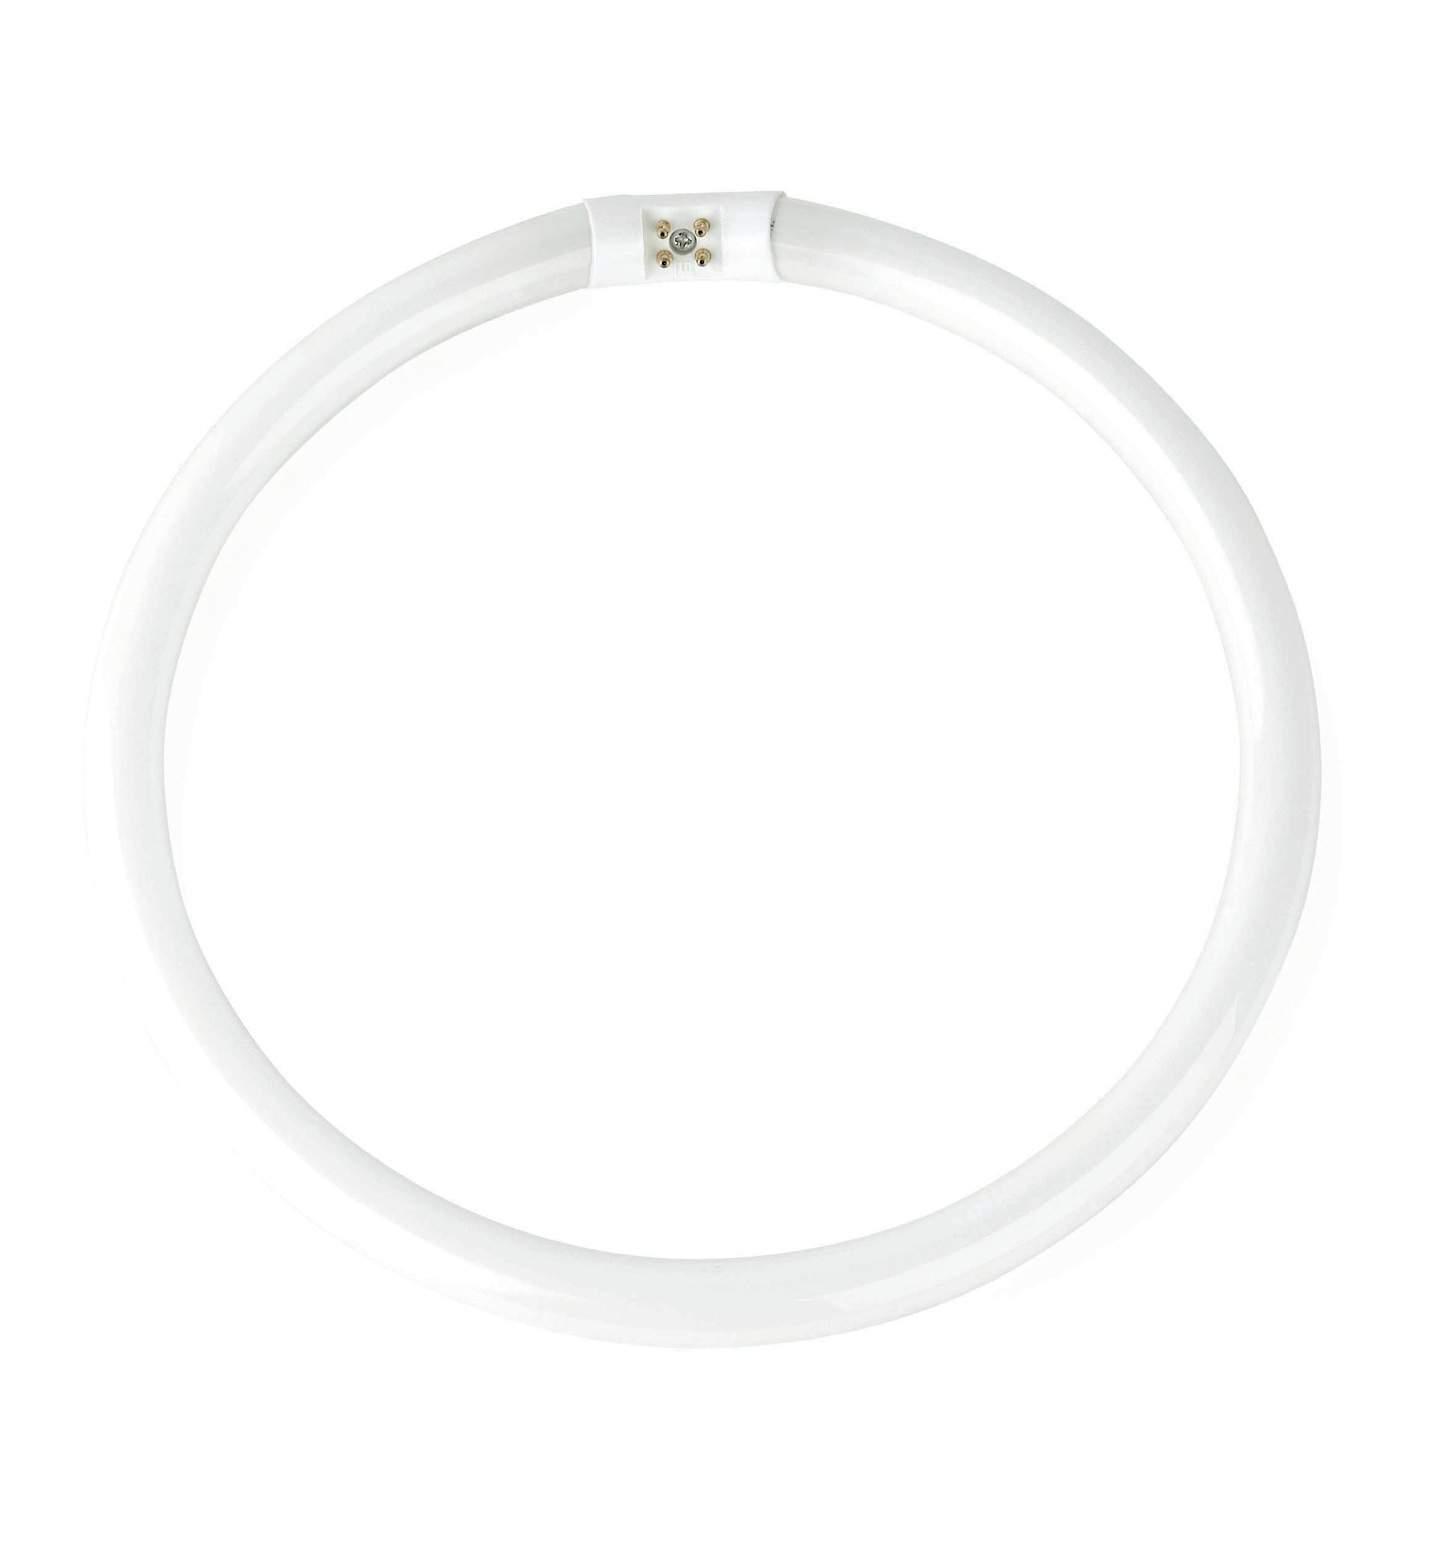 Faro tubo fluorescente bajo consumo t5 2gx13 15853 for Tubo fluorescente circular 32w